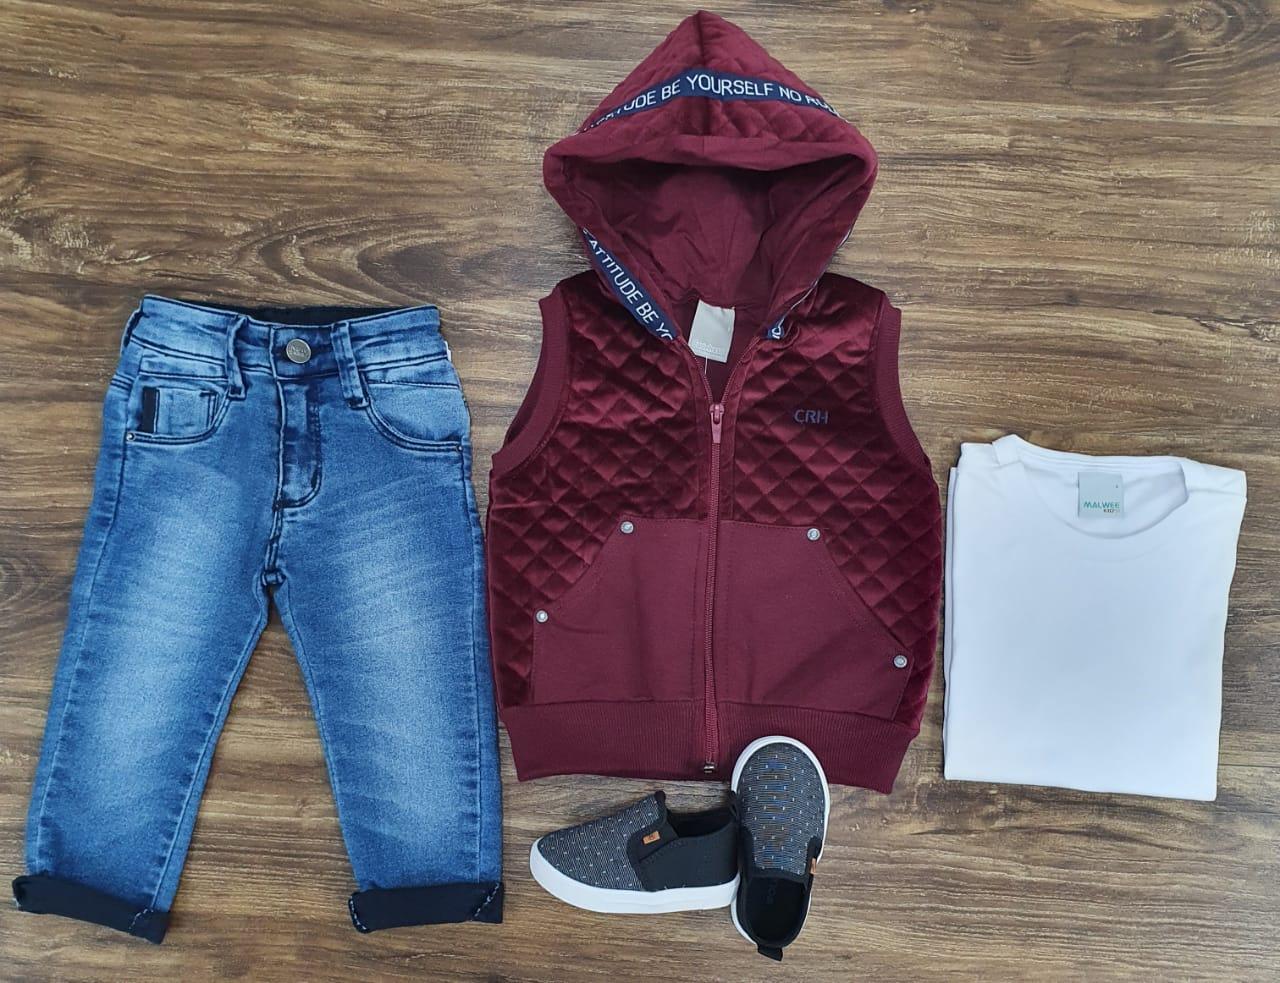 Calça Jeans com Camiseta e Colete Vinho